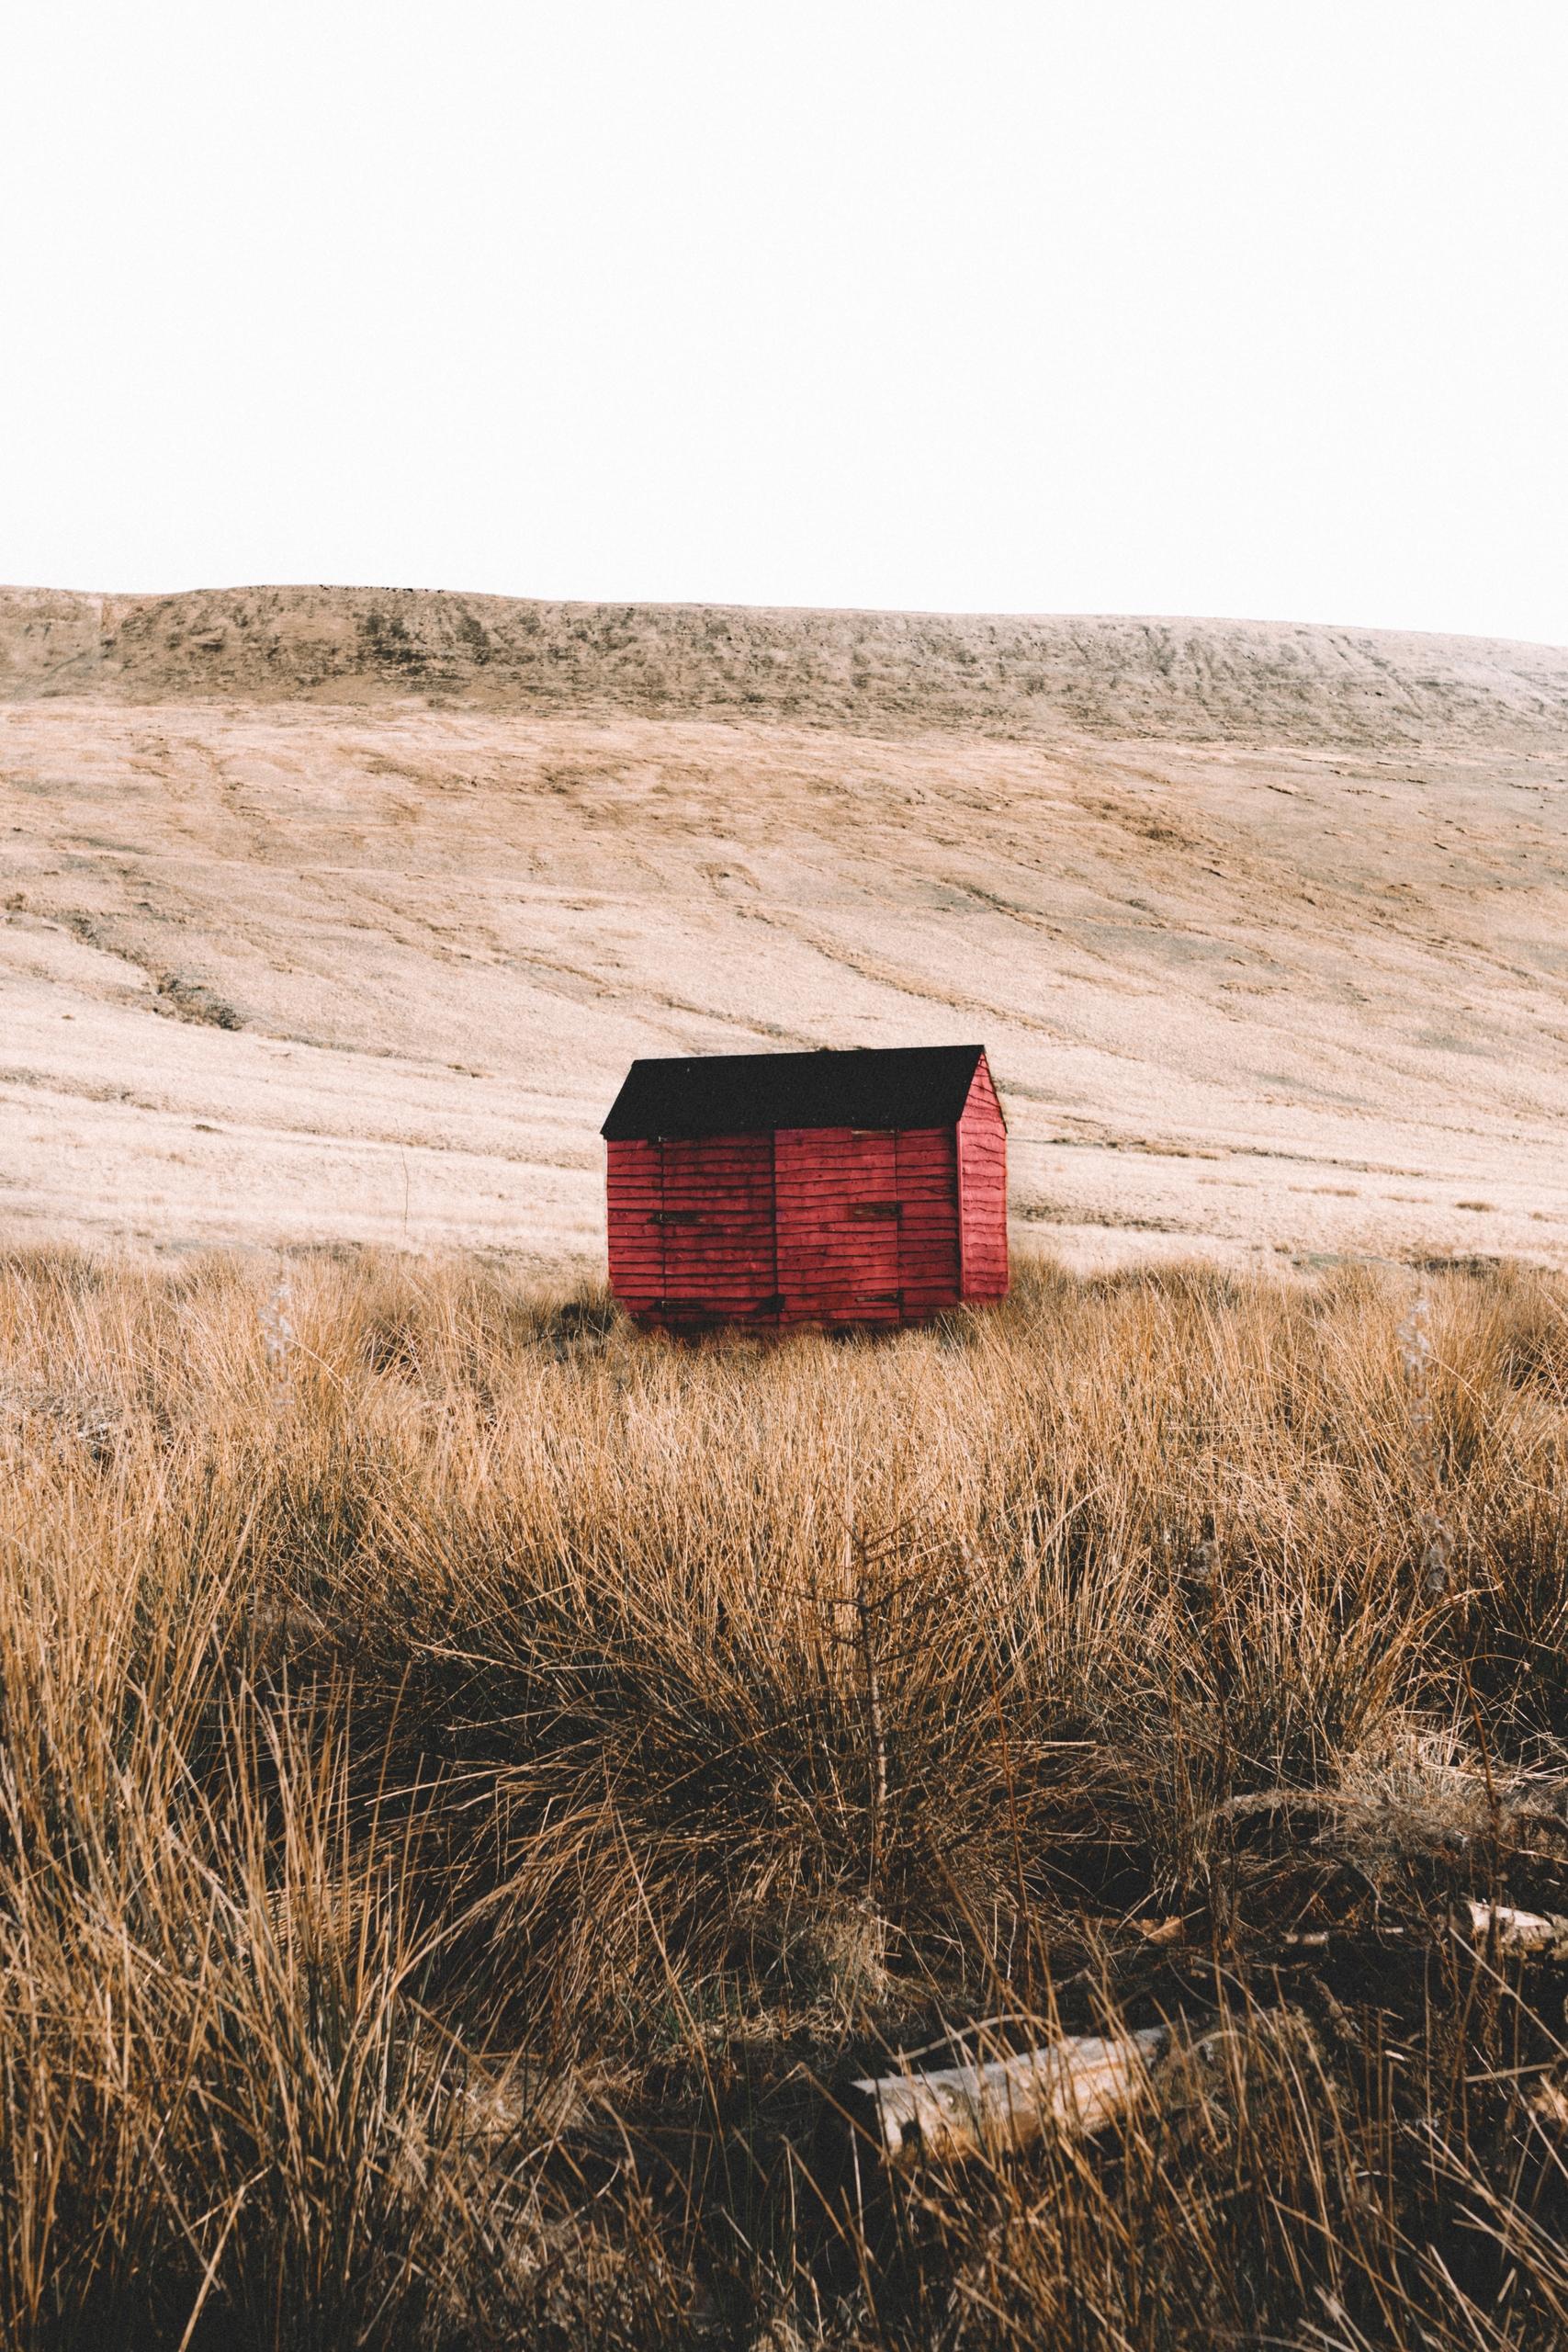 Finding lonely sheds - sledwar | ello